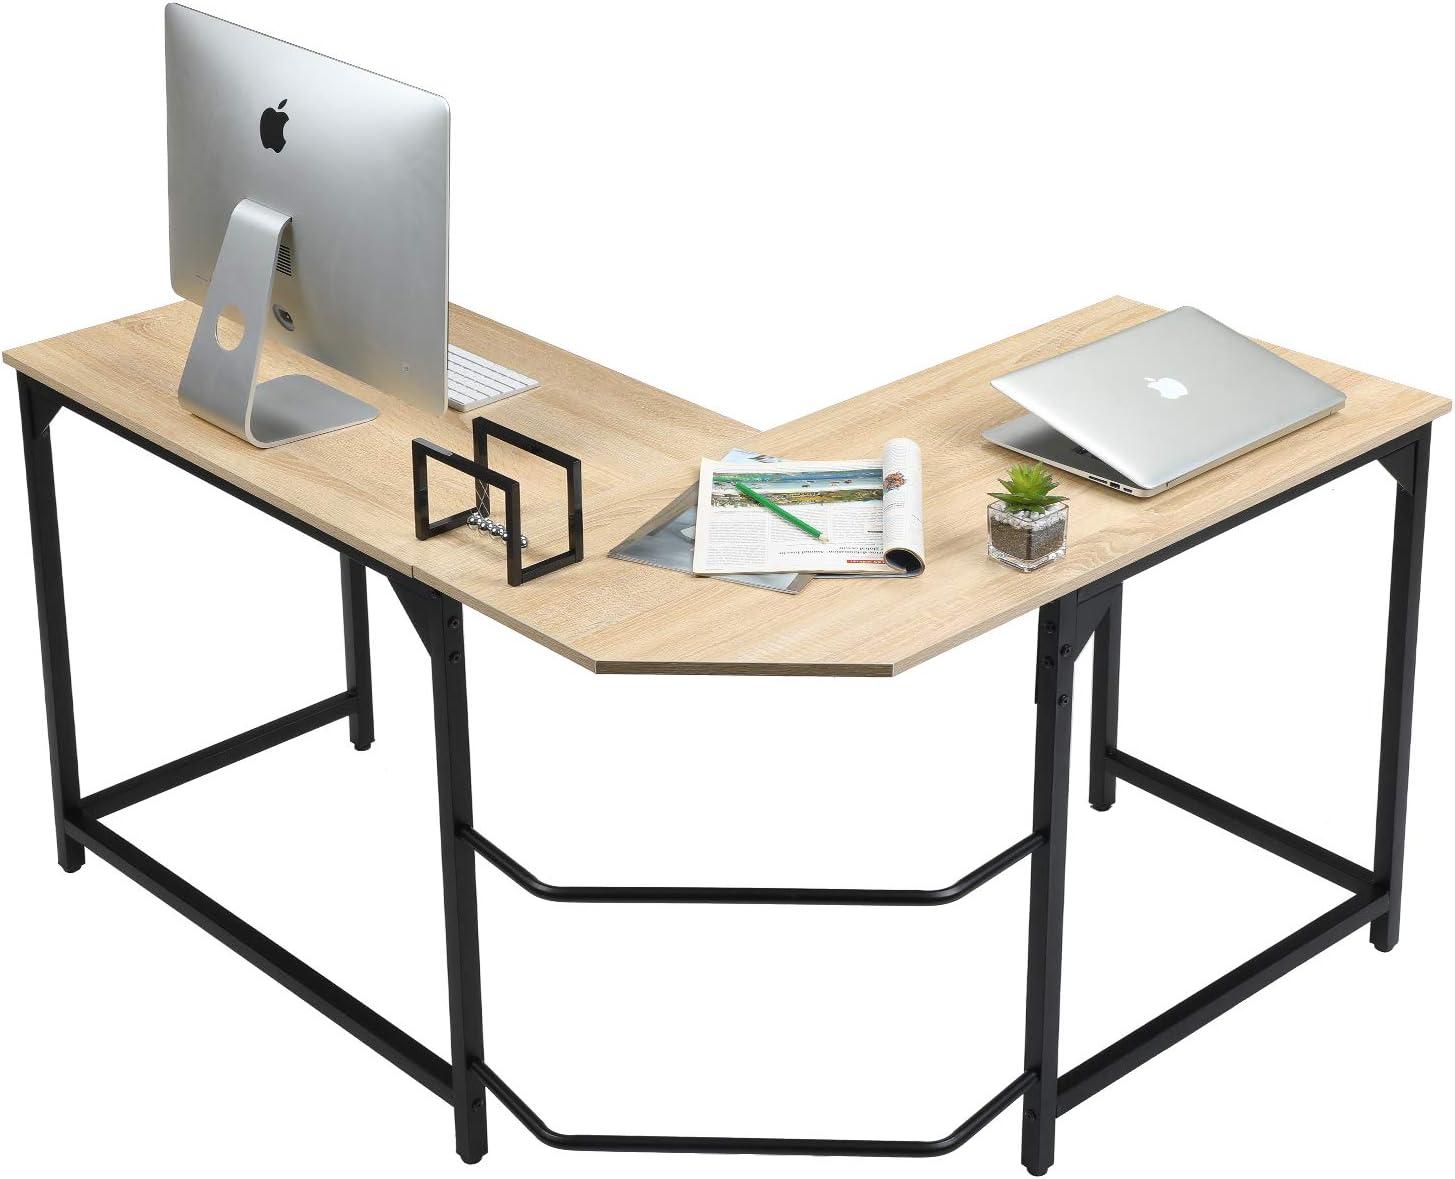 Aingoo L Mesa Escritorio de Computadora, Mesa Ordenador Gran Escritorio de Esquina Moderna L Escritorio para Oficina (Beige): Amazon.es: Hogar